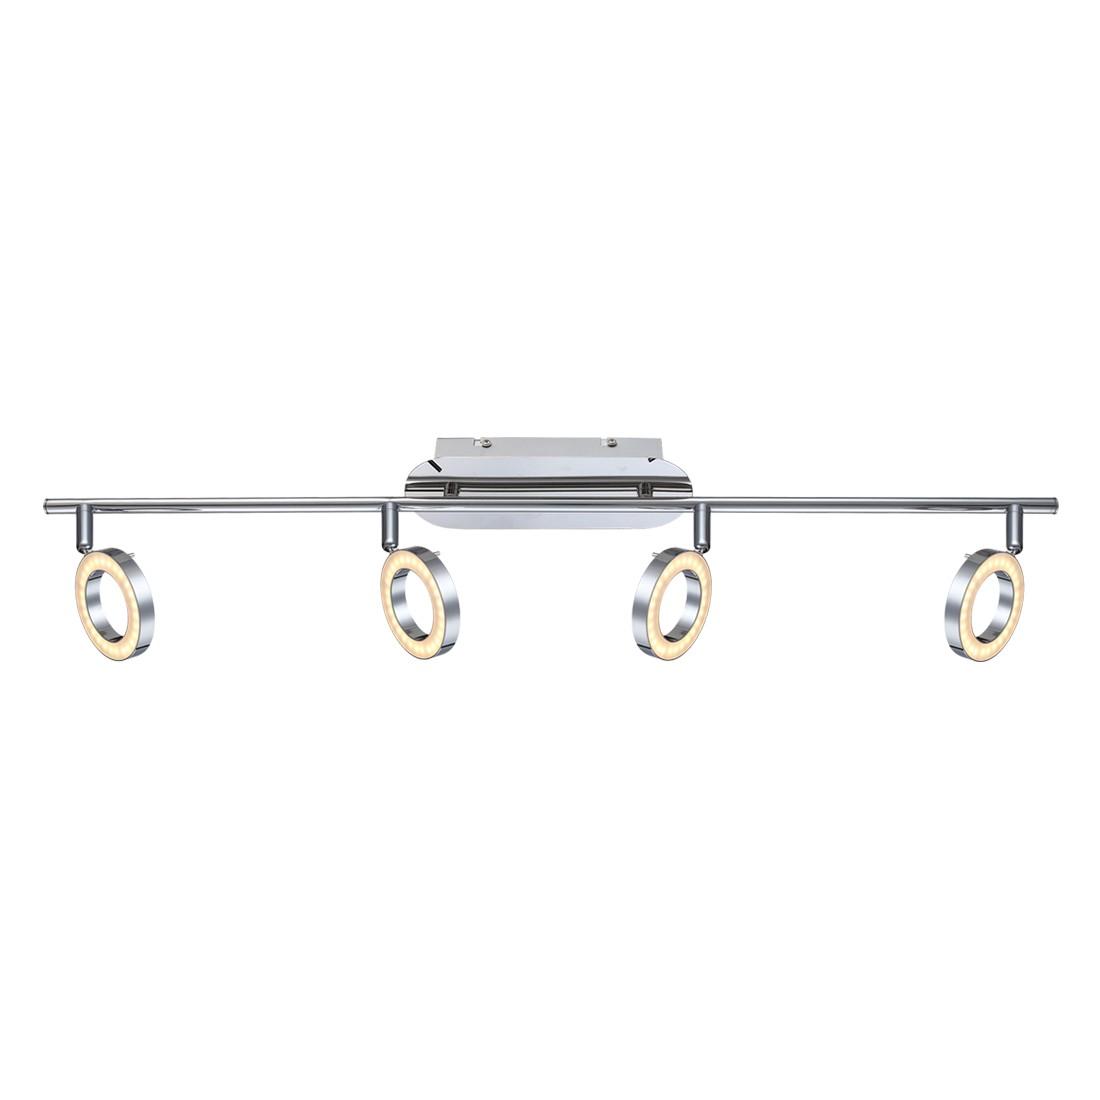 EEK A+, Deckenleuchte ORELL – Metall/Acryl – 4-flammig, Globo Lighting jetzt bestellen